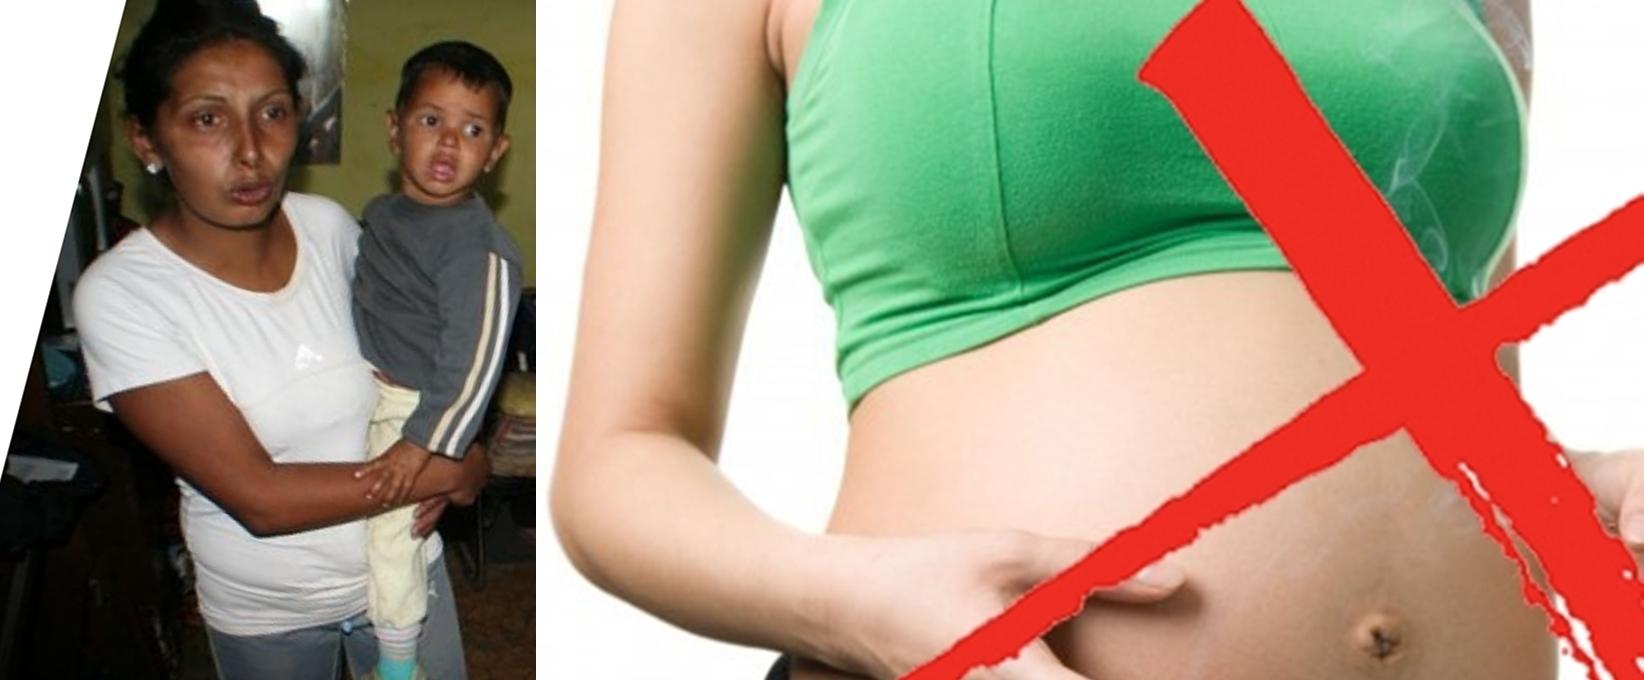 Правителството забрани на Българите да раждат следващите три години деца!